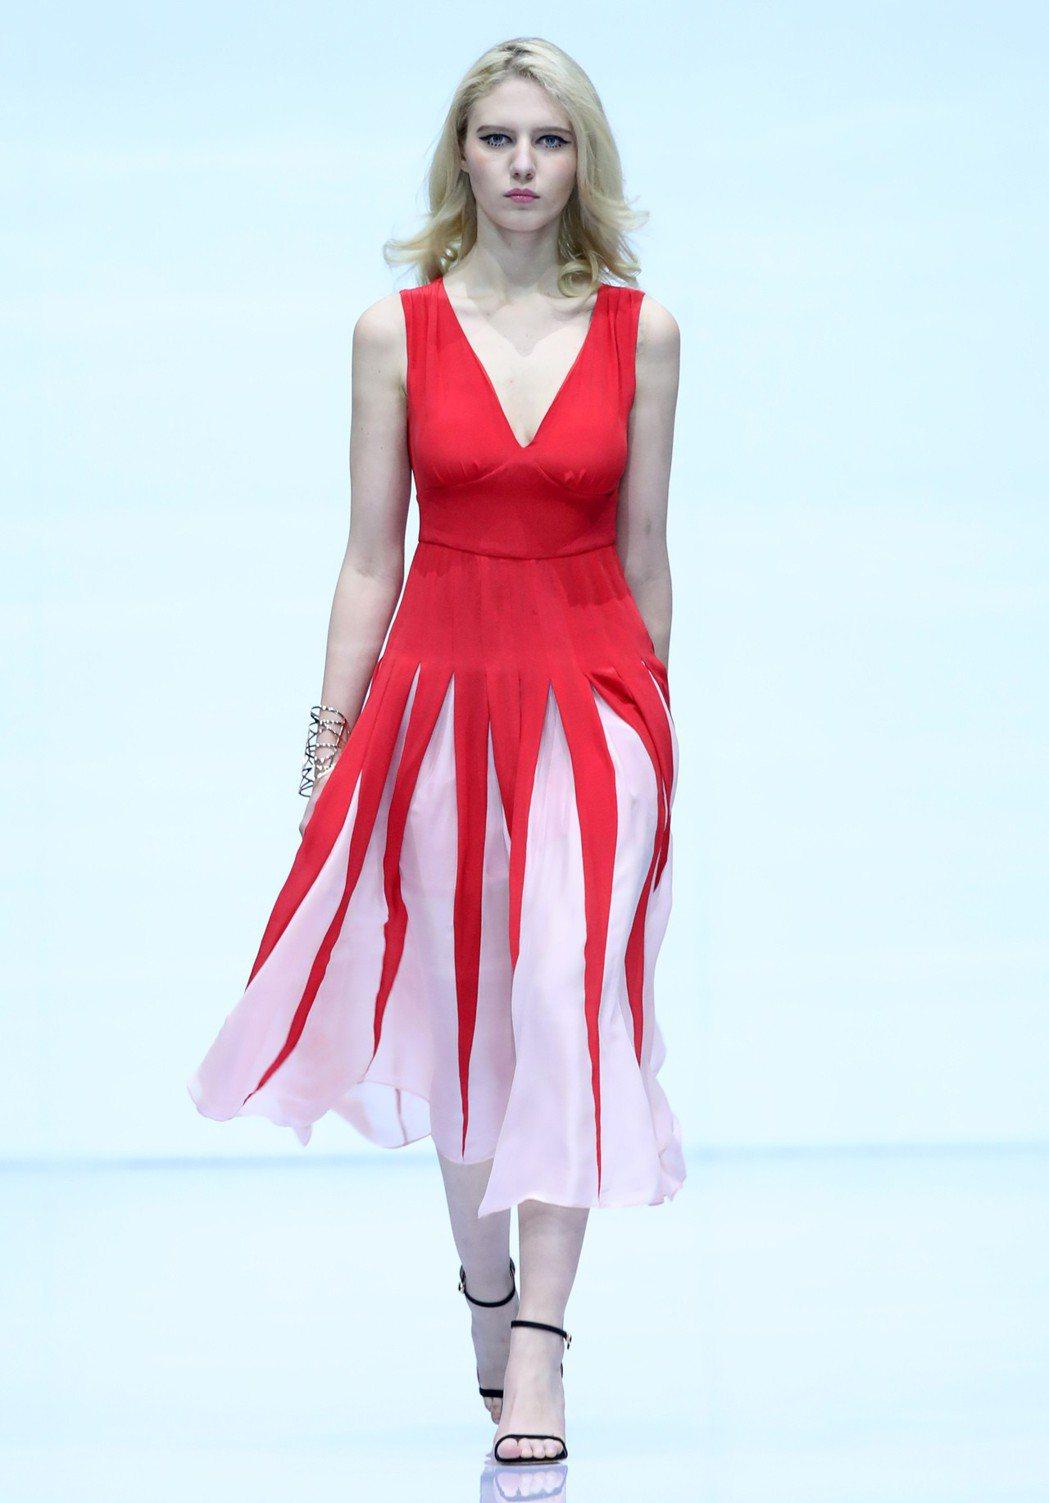 外國模特在北京國際時裝周「京東bebe」時裝發佈會上走秀。(新華社)